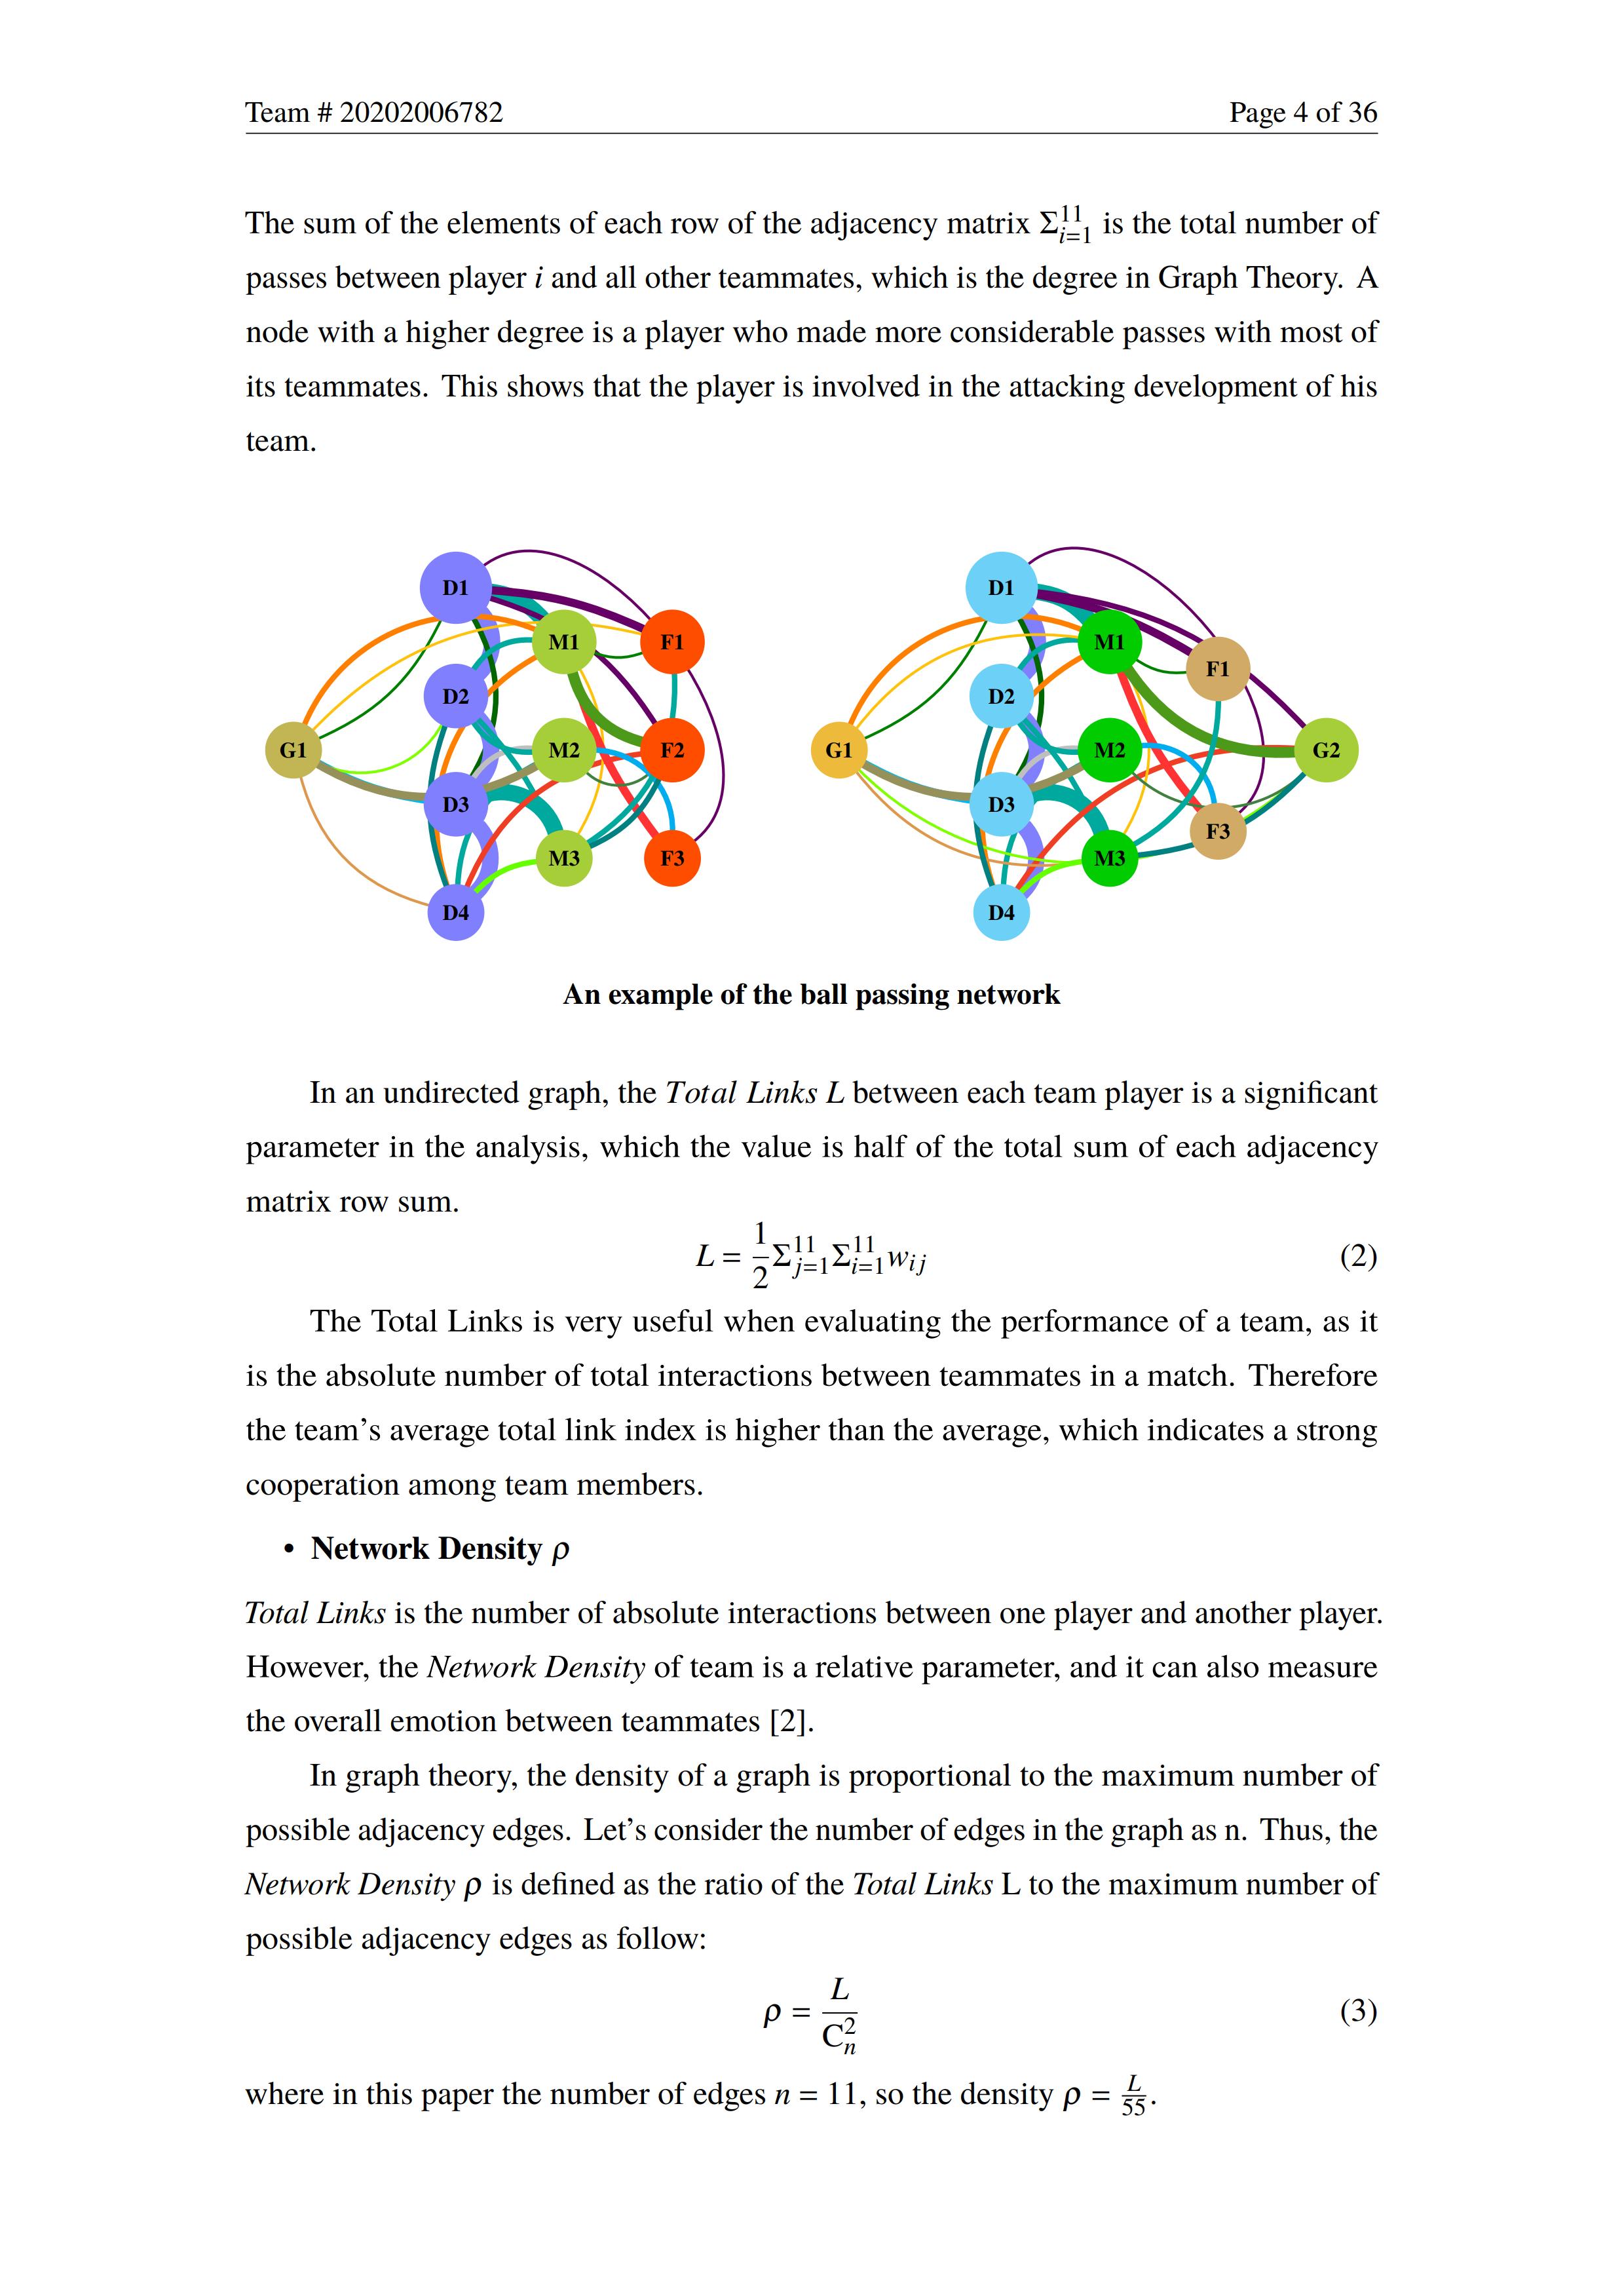 亚太版(APMCM version)数学建模排版样文